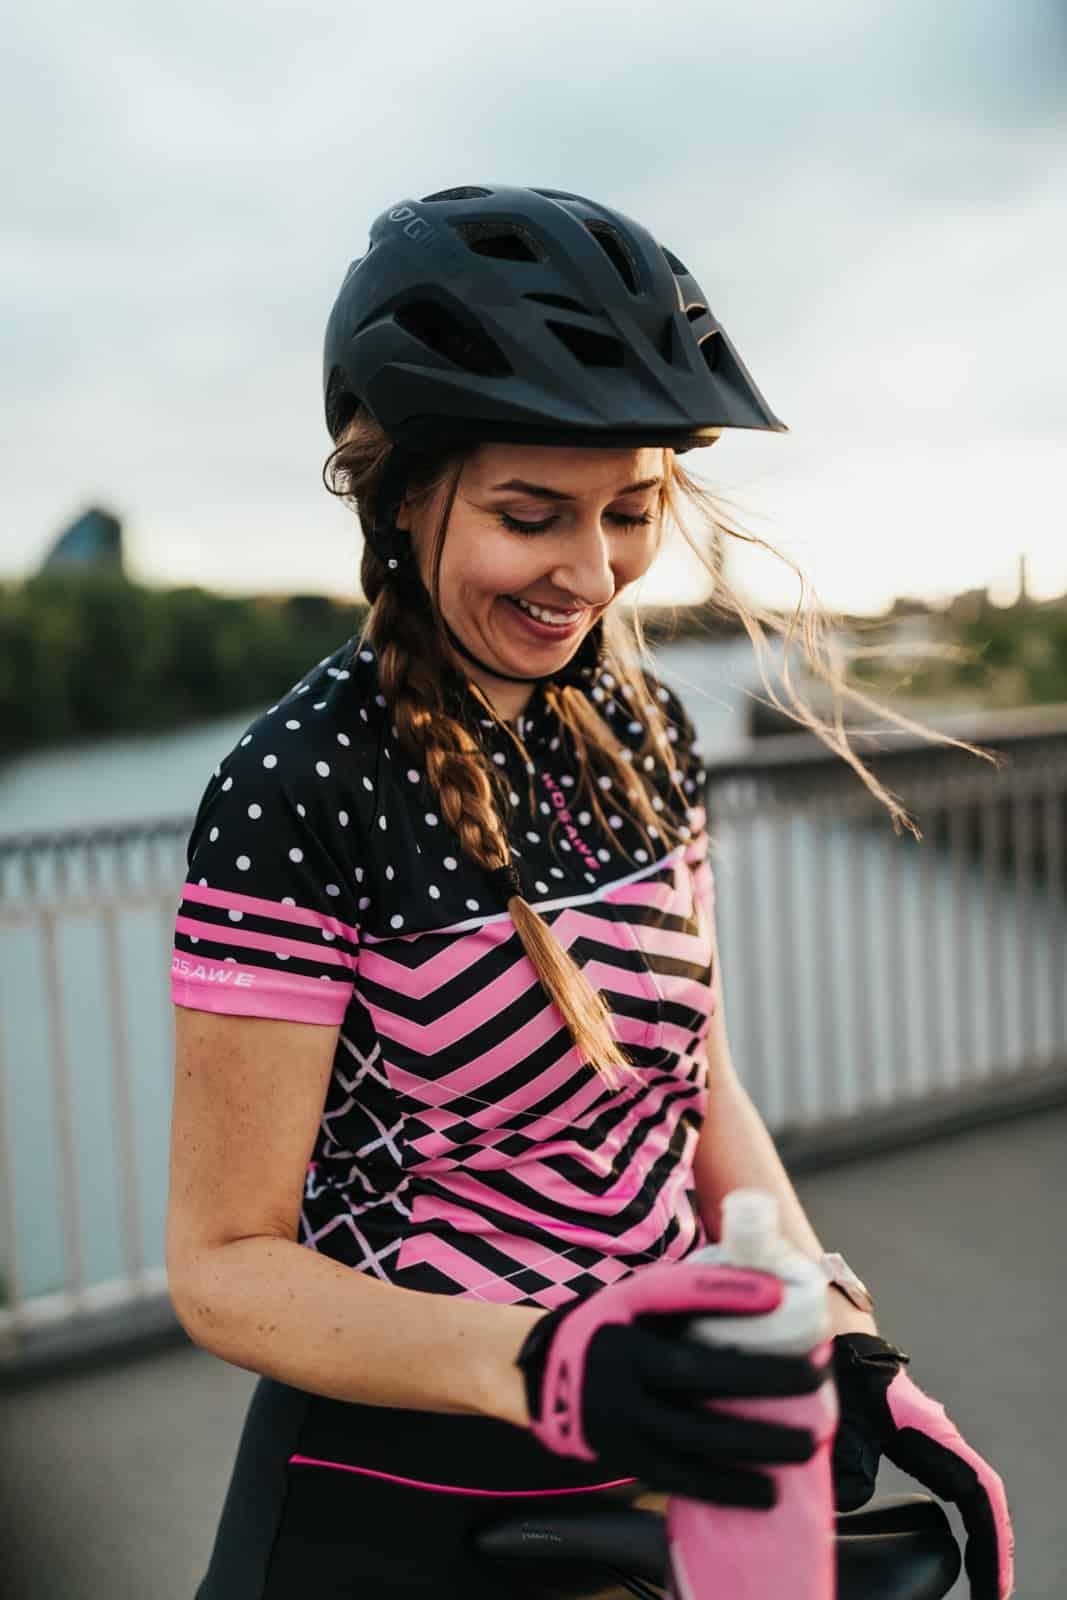 Model in Fahrradkleidung lacht bei untergehender Abendsonne in Frankfurt am Main mit Trinkflasche in Pink in der Hand